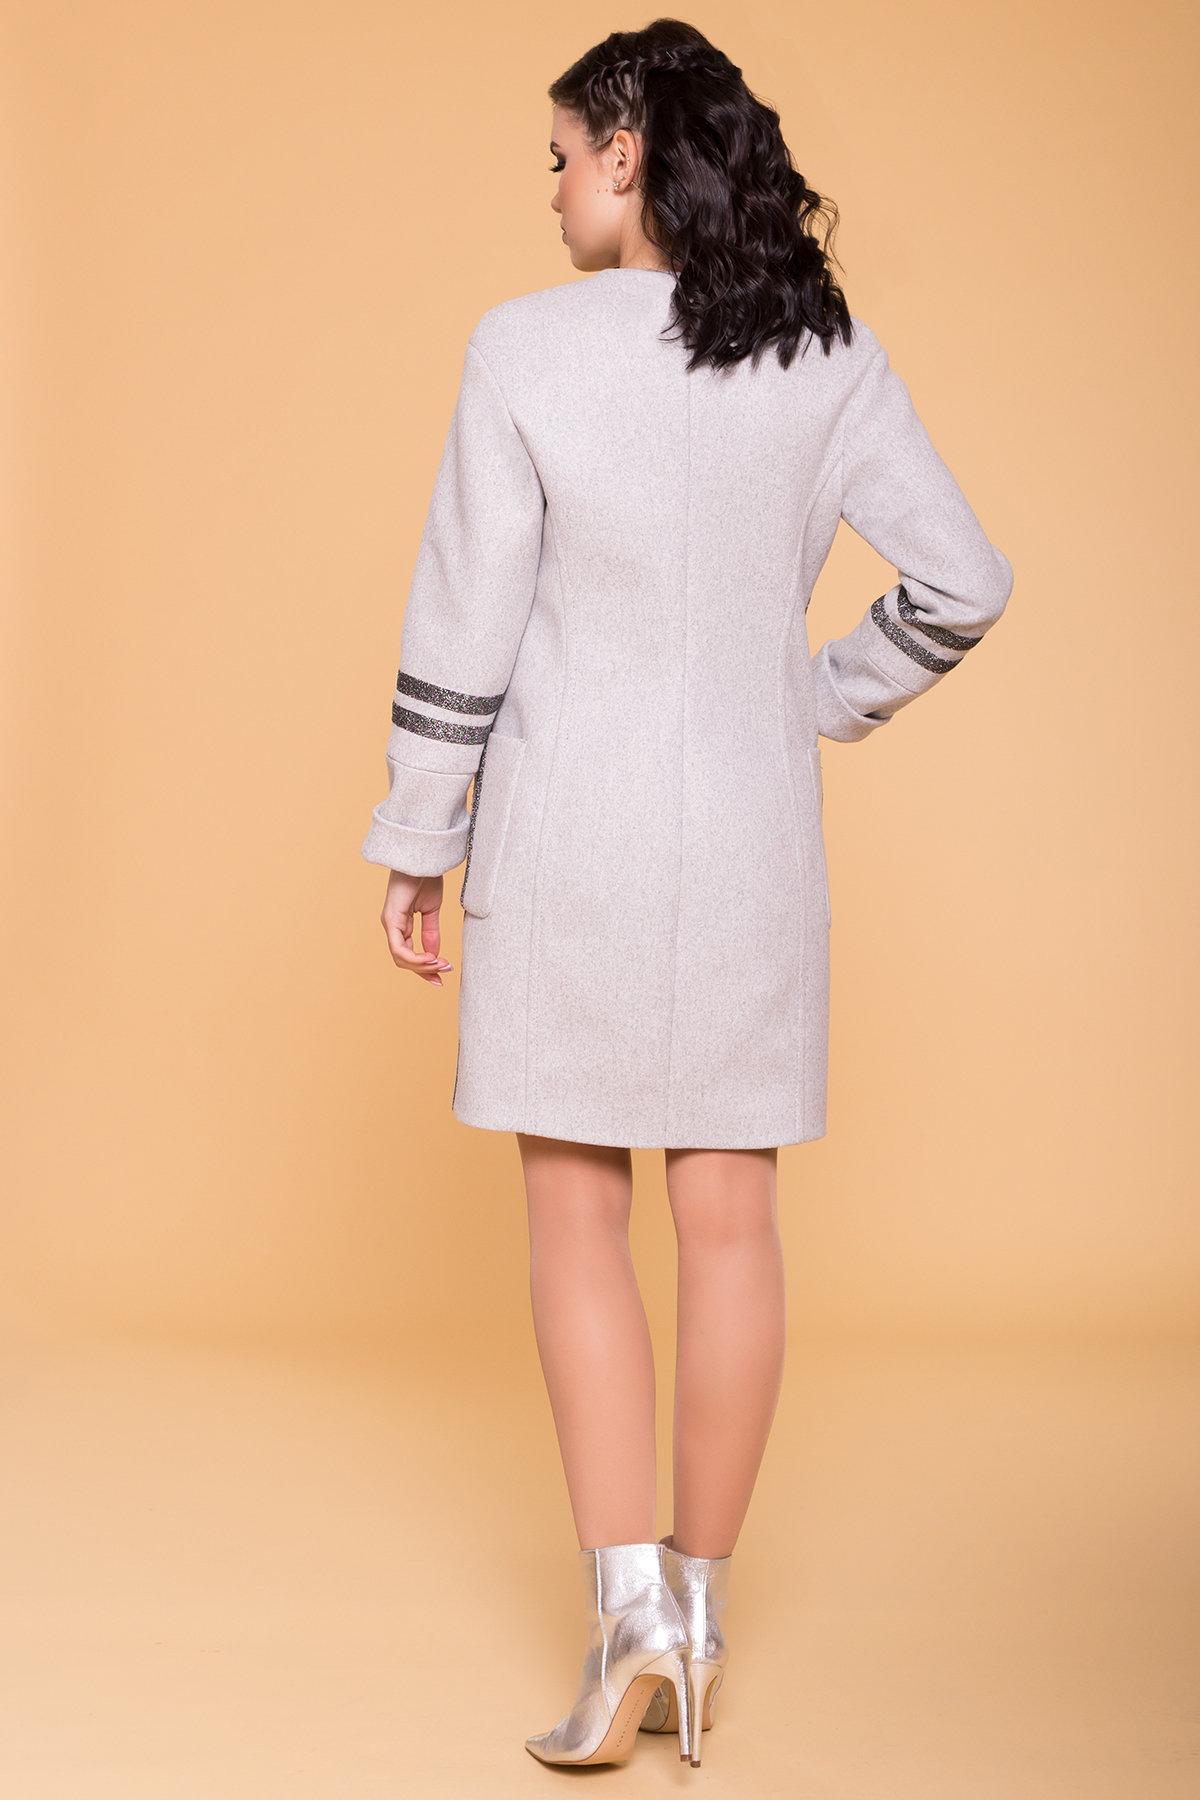 Пальто Приоритет лайт 6300 АРТ. 41467 Цвет: Серый Светлый 23 - фото 2, интернет магазин tm-modus.ru